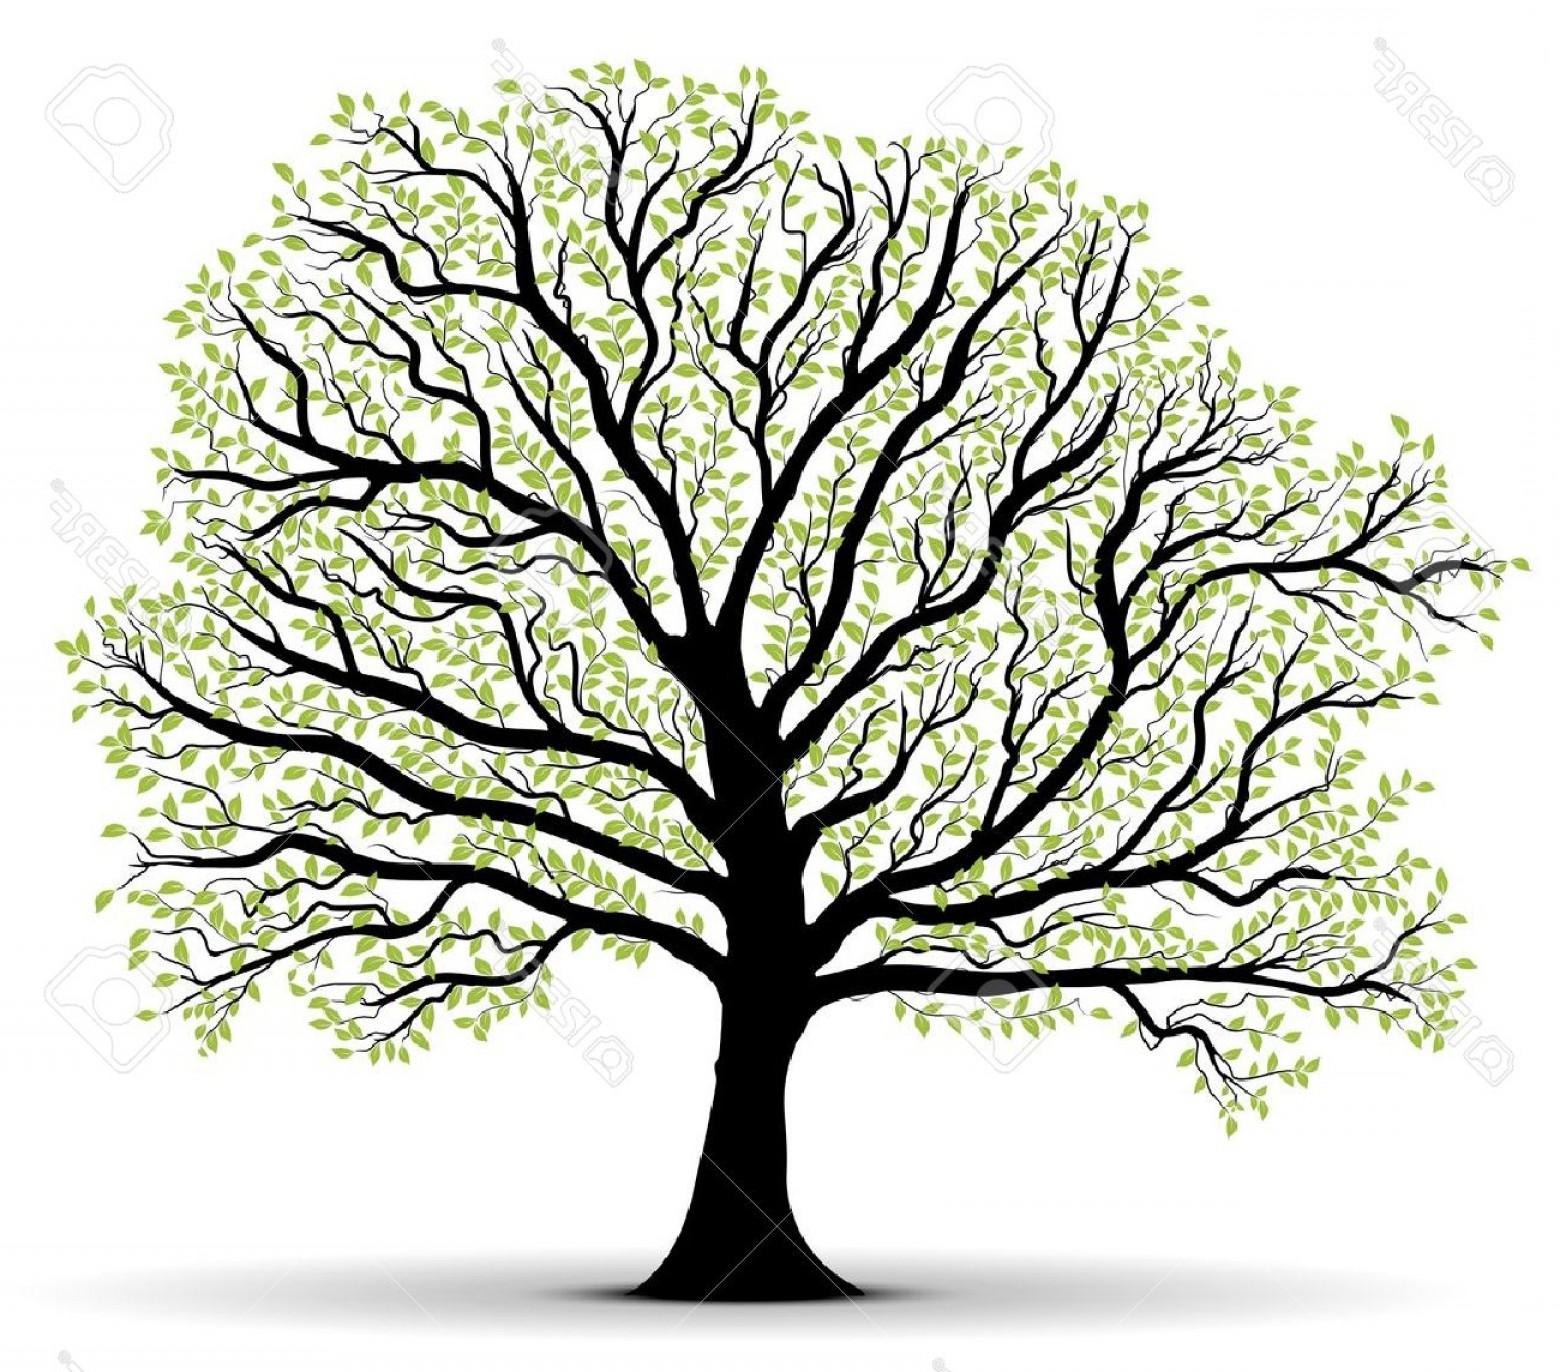 1560x1372 Big Vector Tree Arenawp